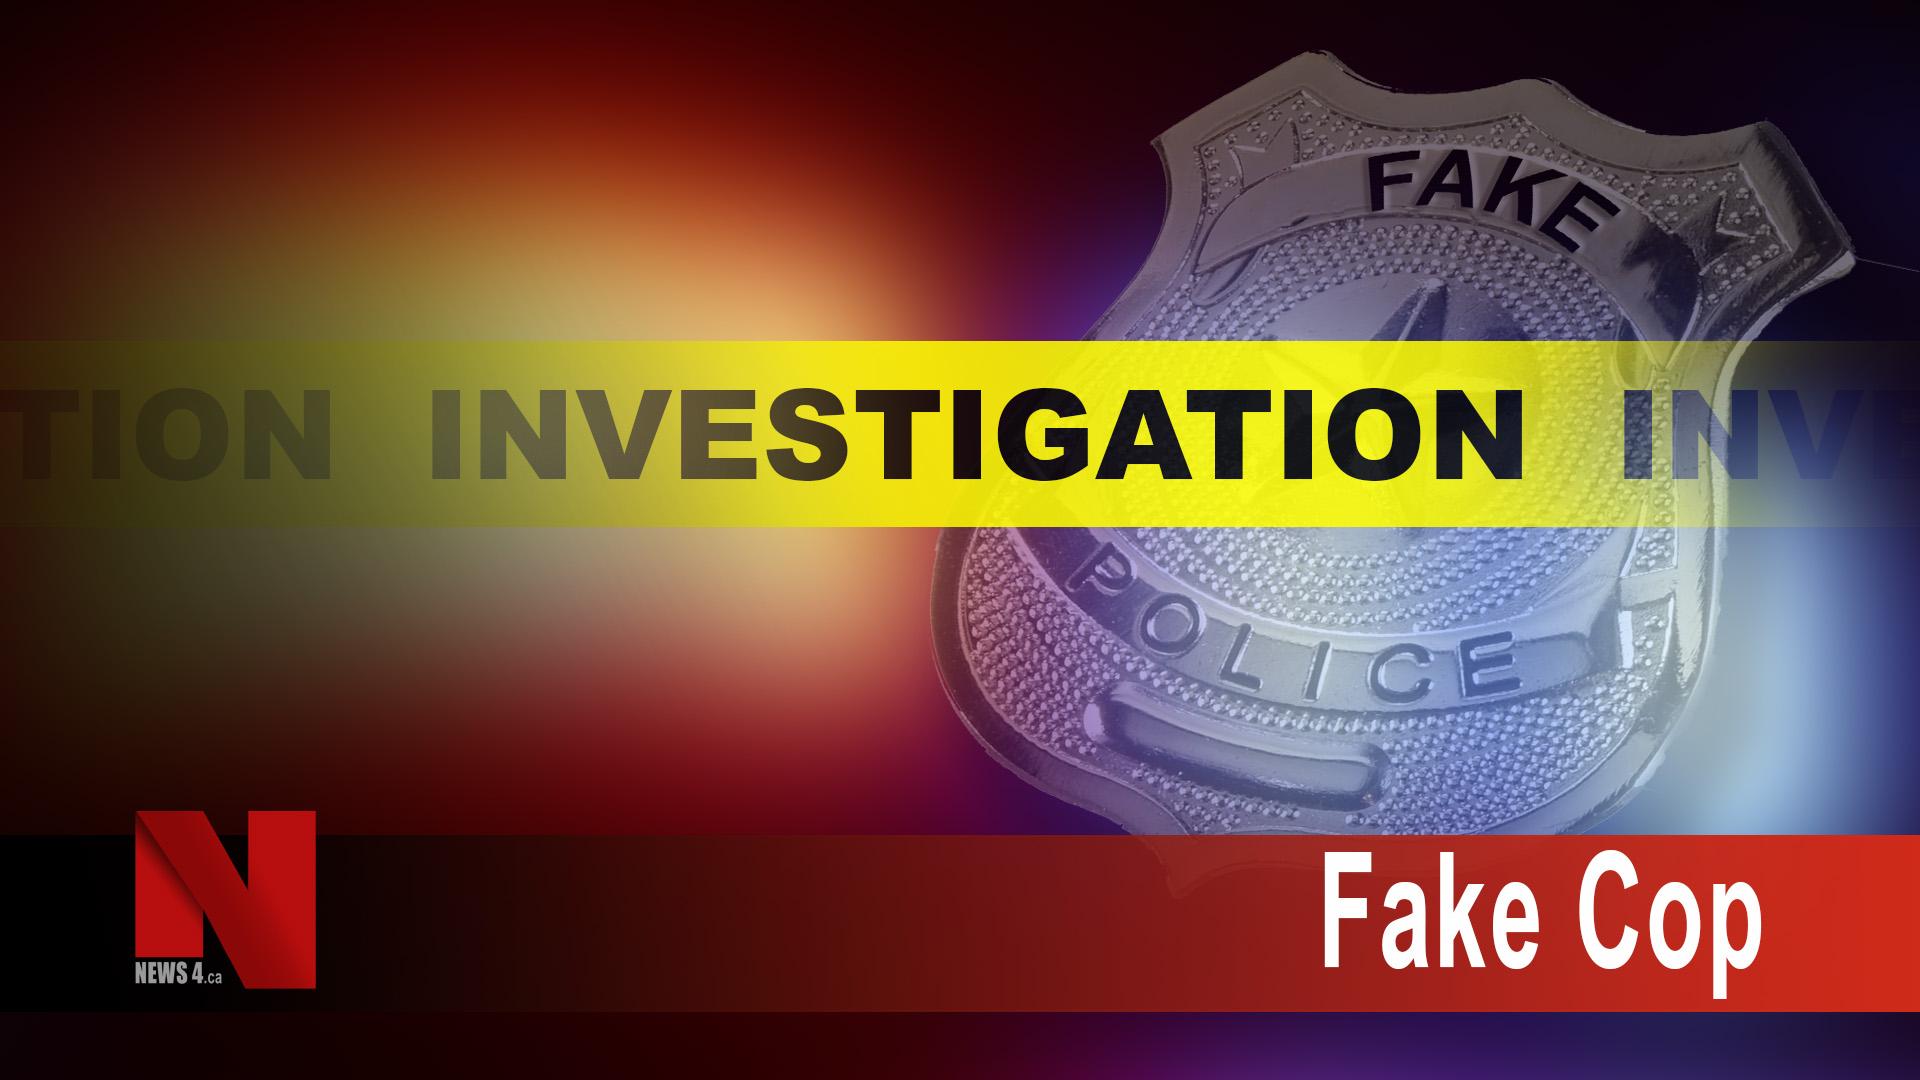 Fake Cop Investigation